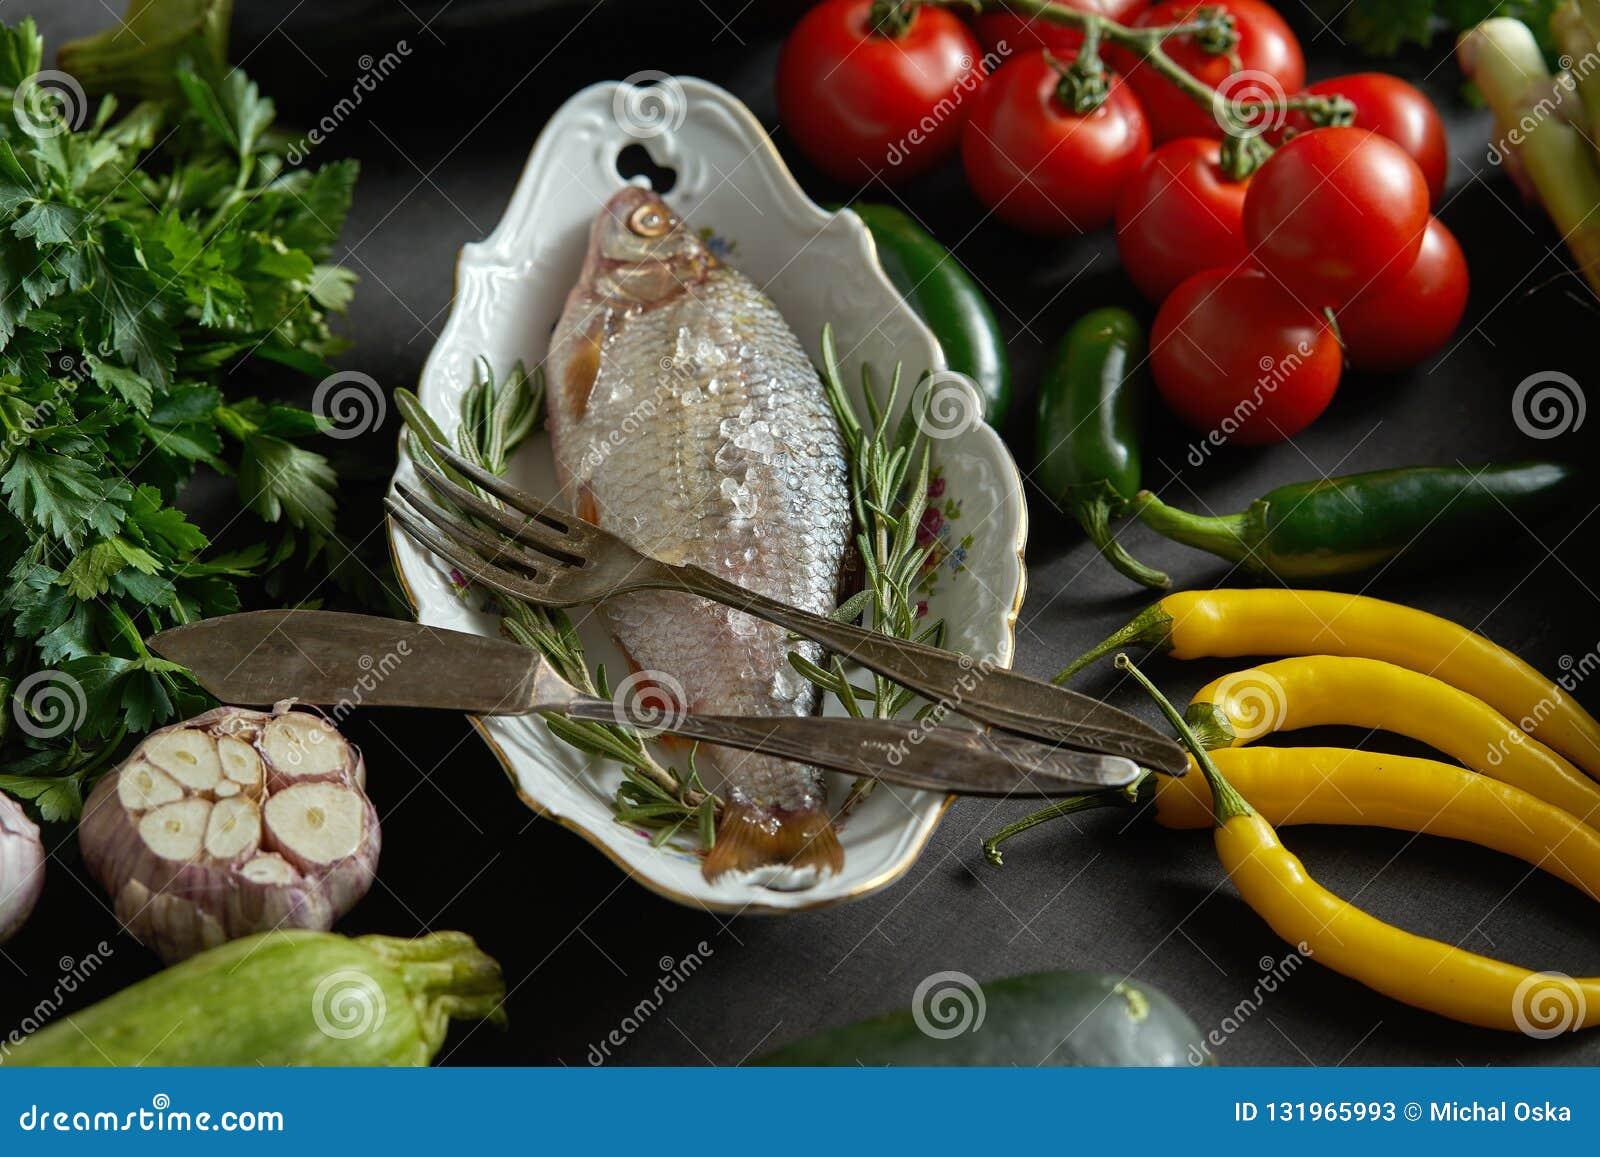 Pescados crudos frescos del dorada en un plato blanco con un sistema de verduras en una tabla negra